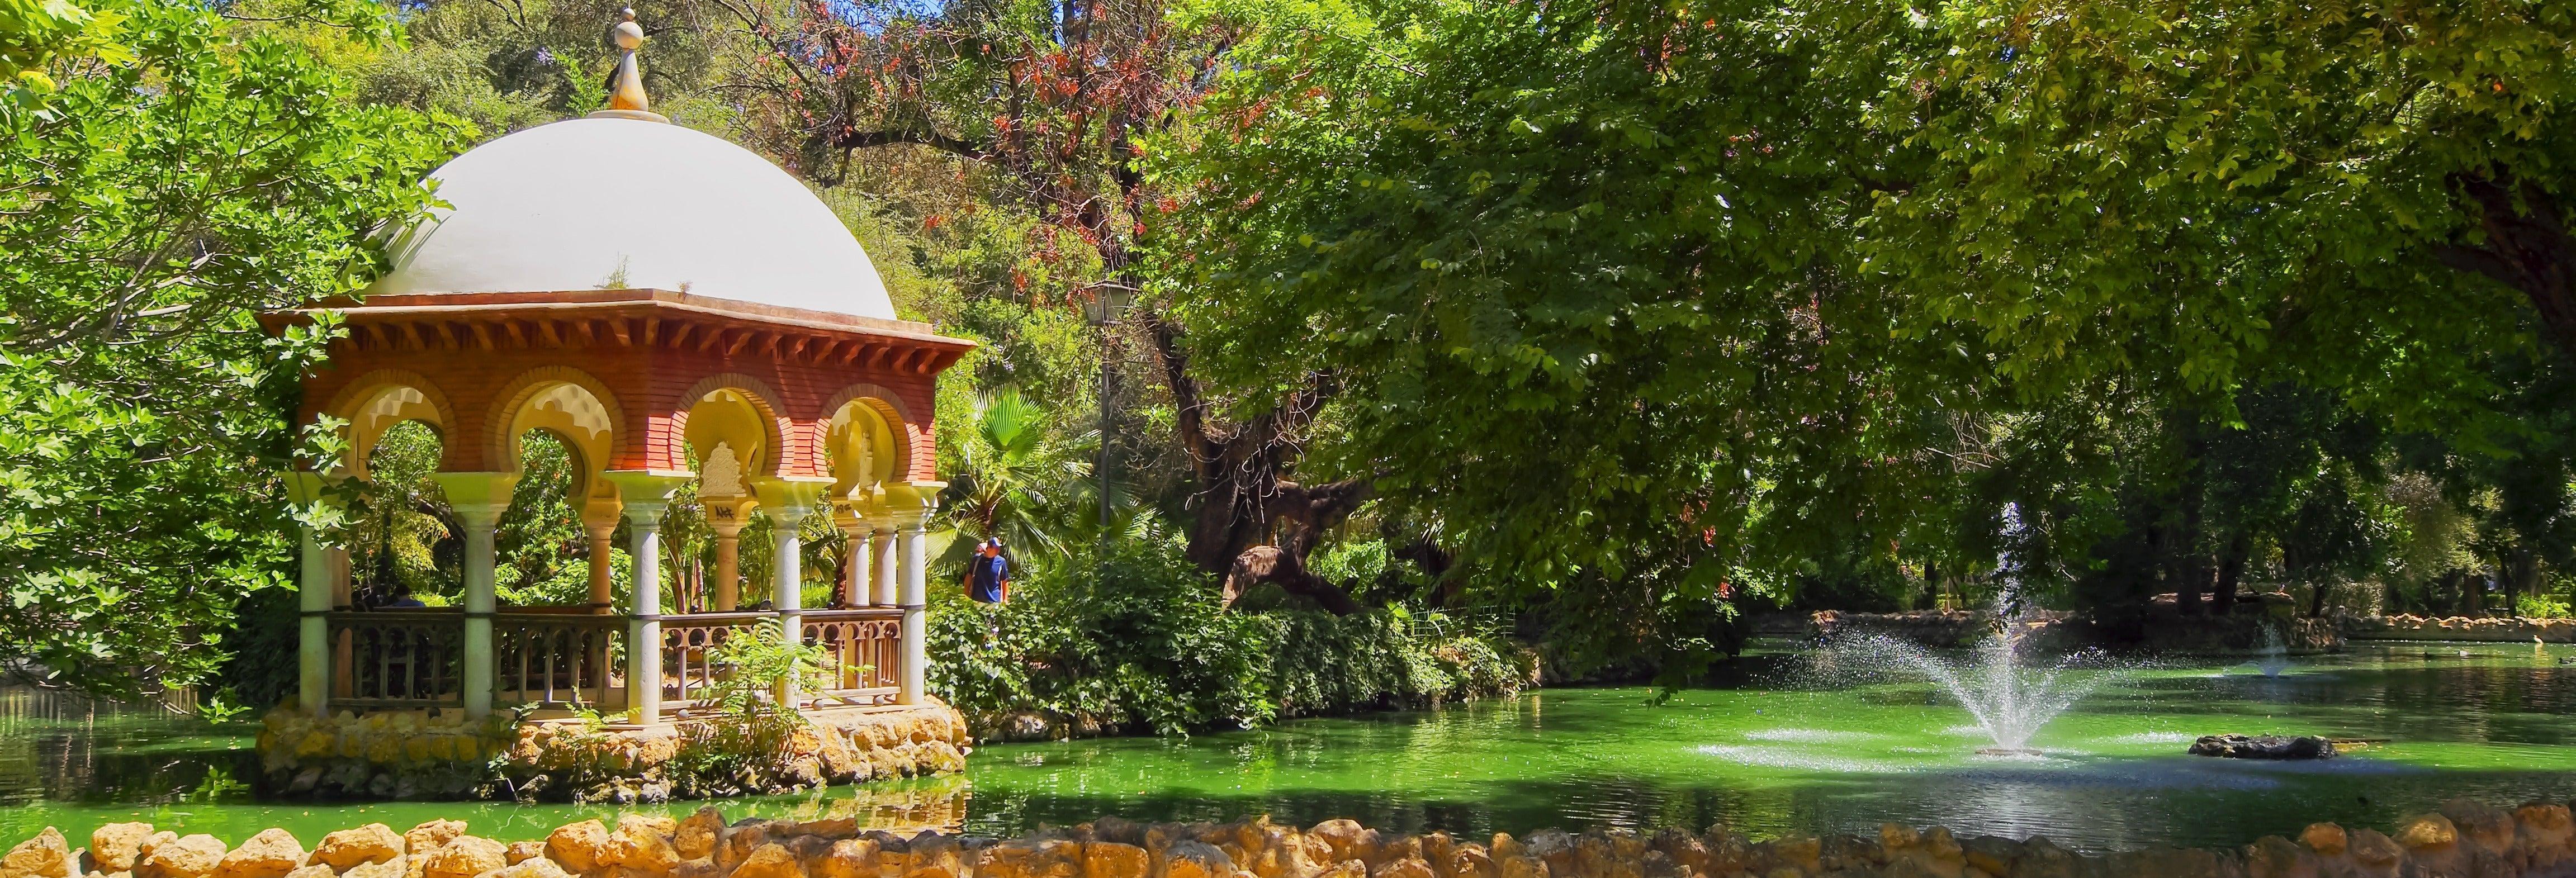 Visita guiada por el Parque de María Luisa